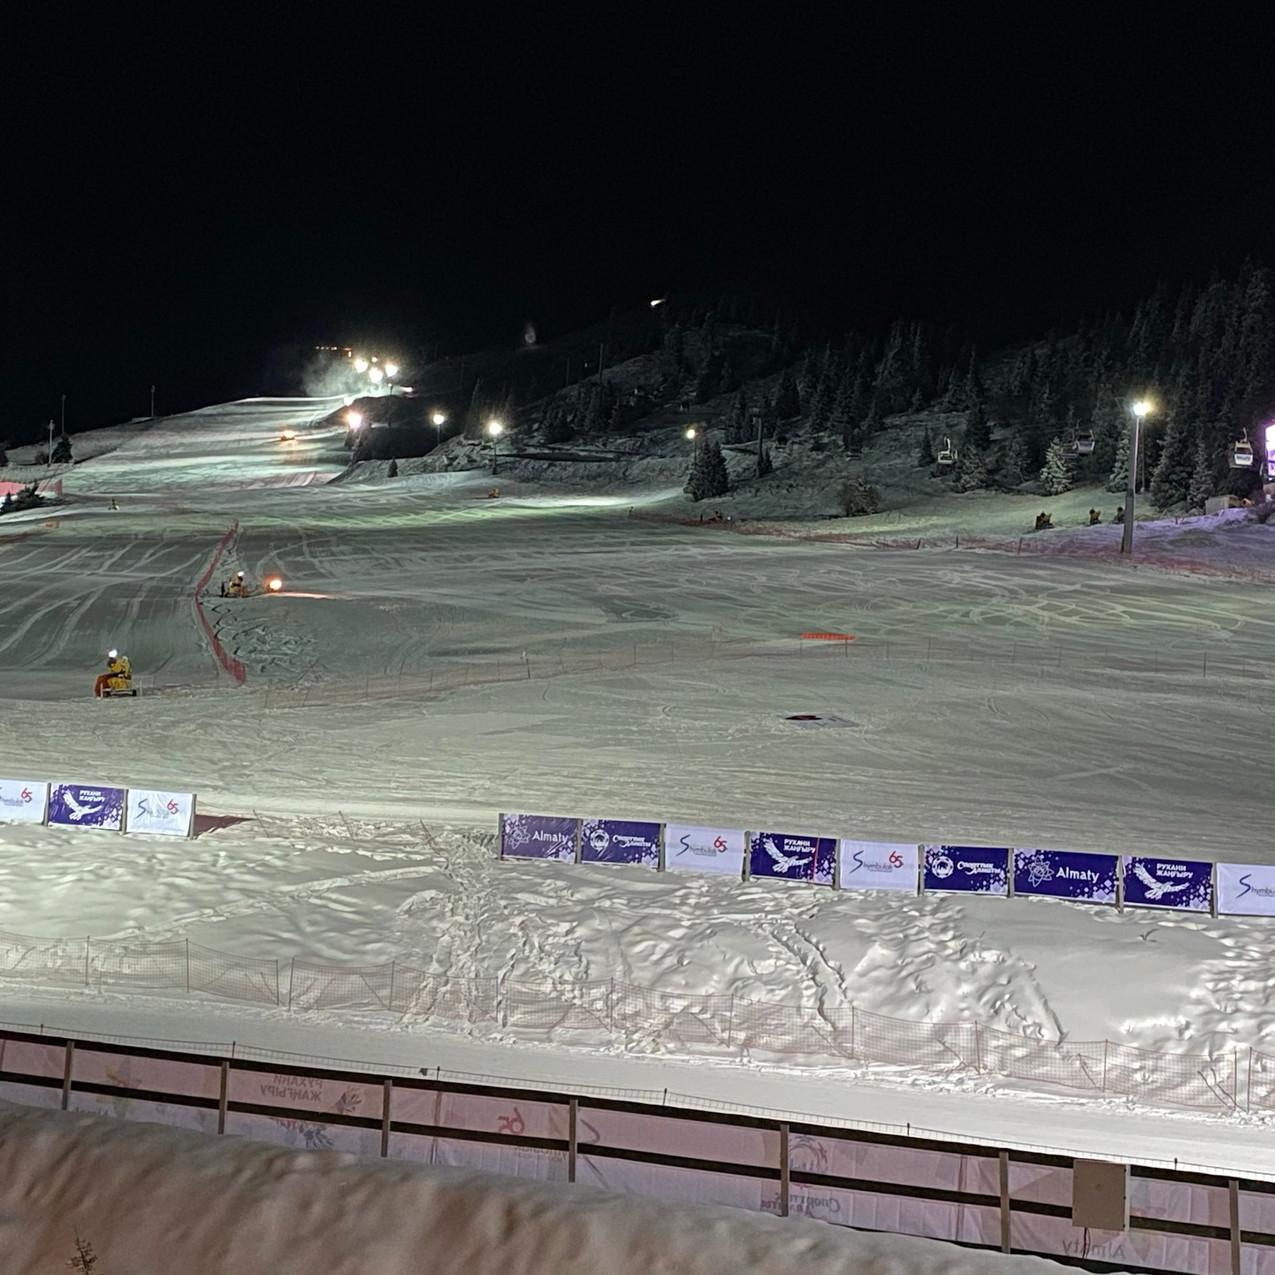 Ski Lodge View